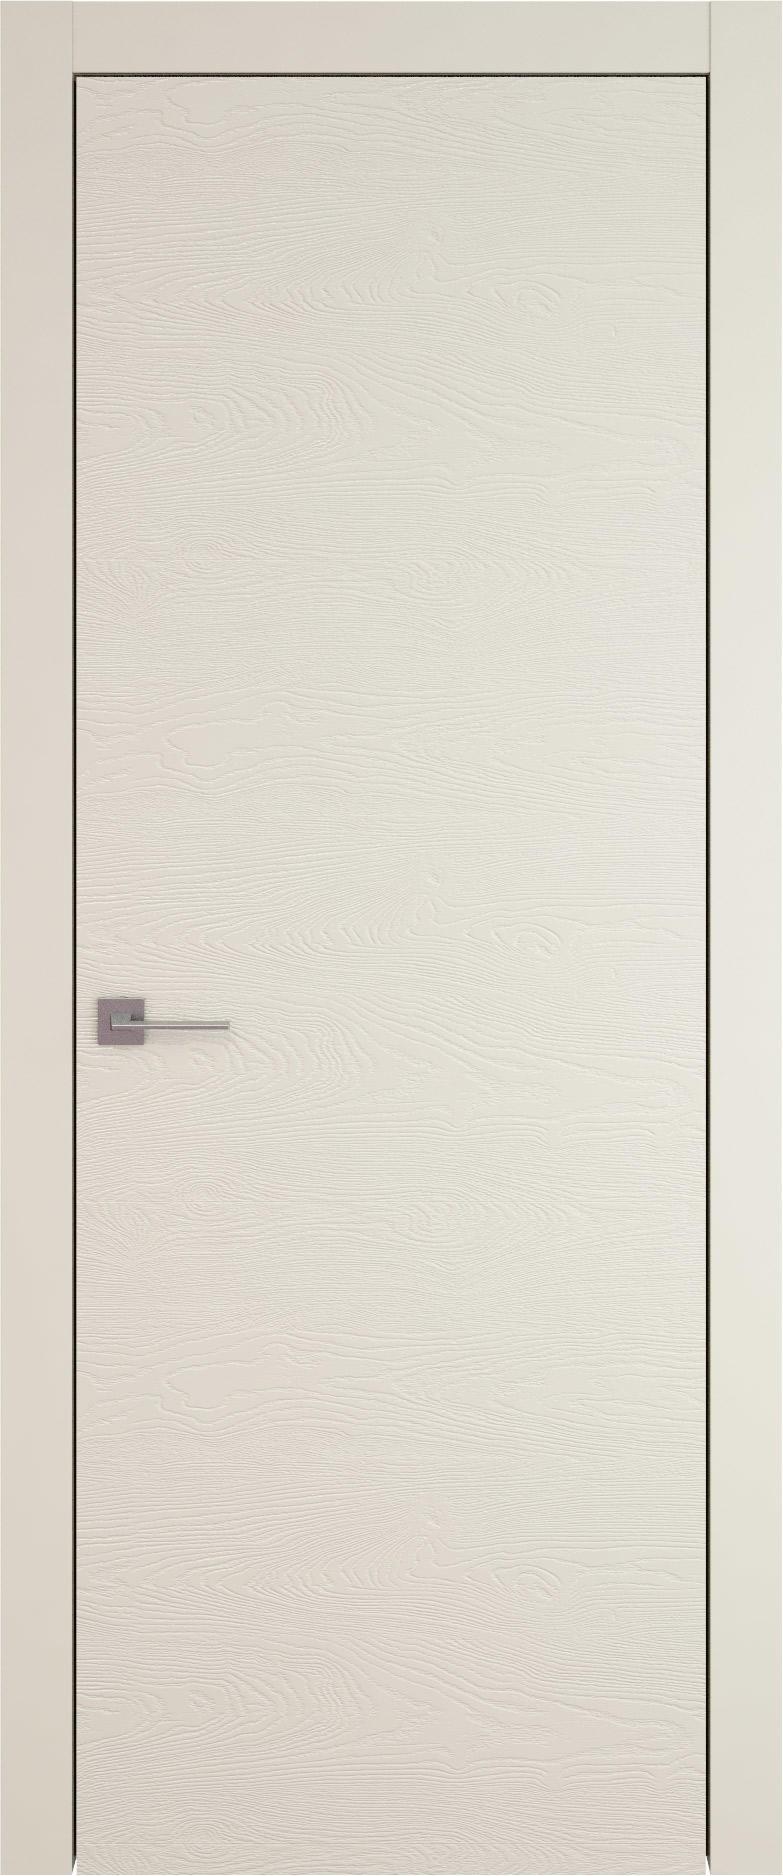 Tivoli А-5 цвет - Серая эмаль по шпону (RAL 7047) Без стекла (ДГ)